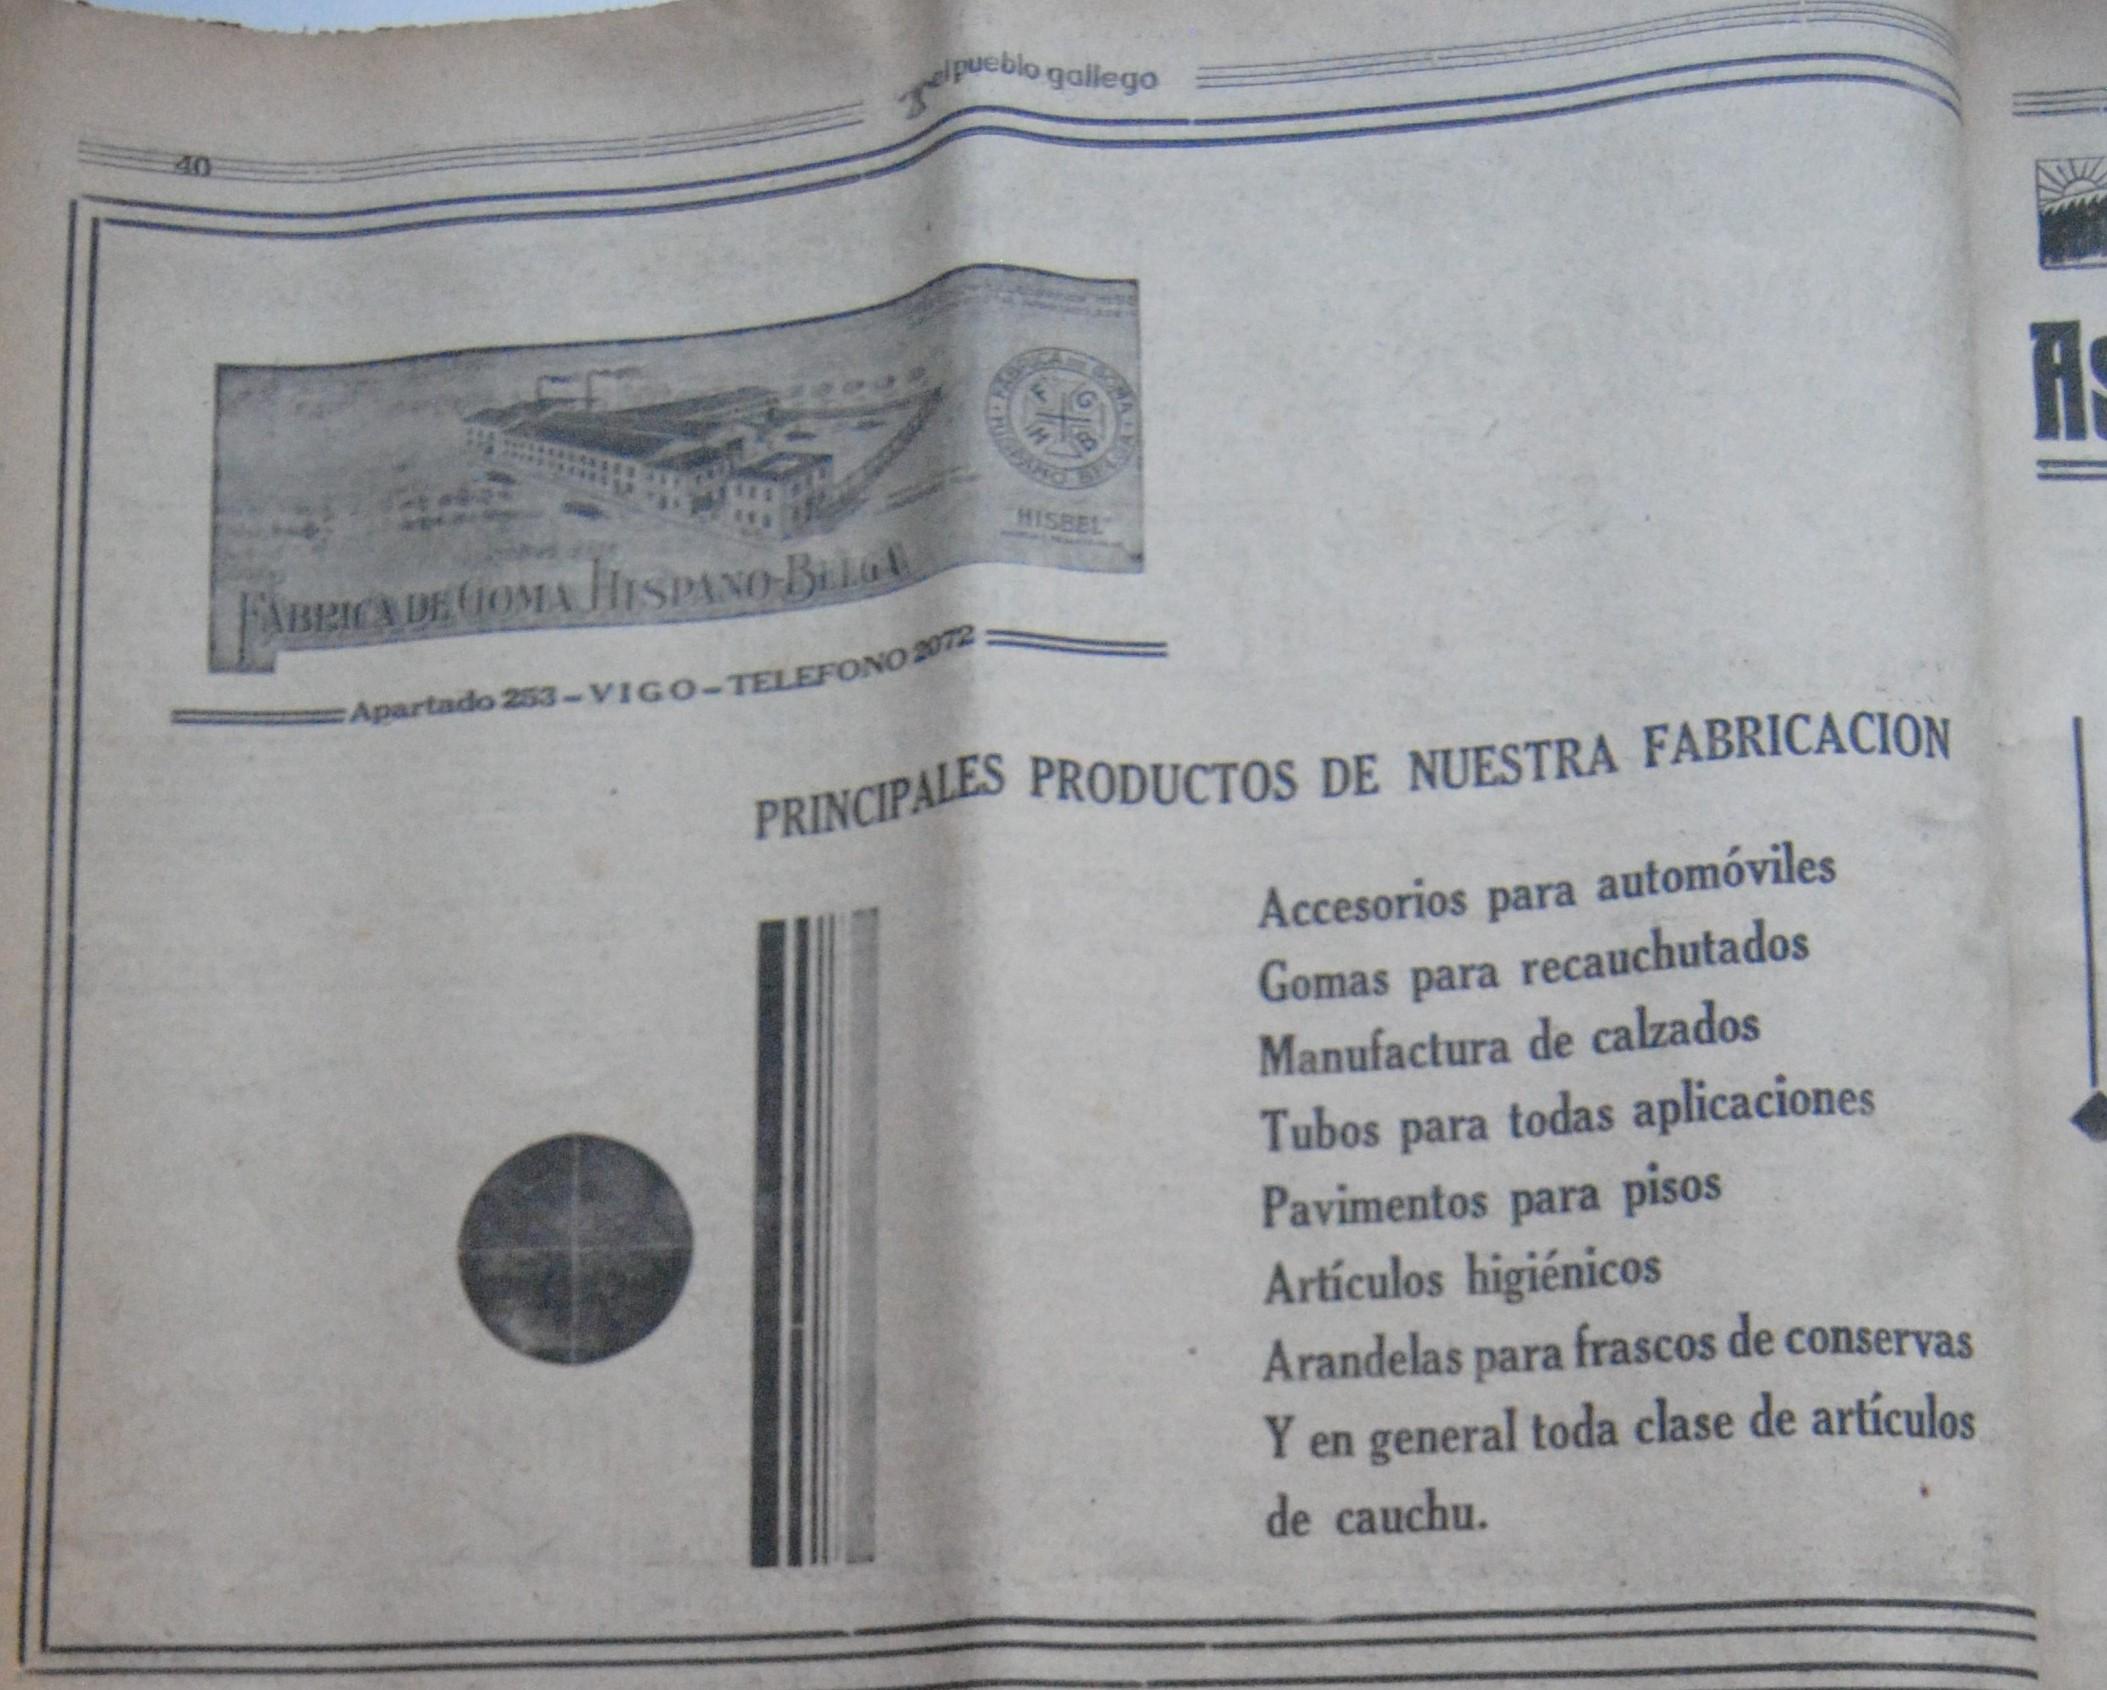 Fábrica de goma hispano-belga